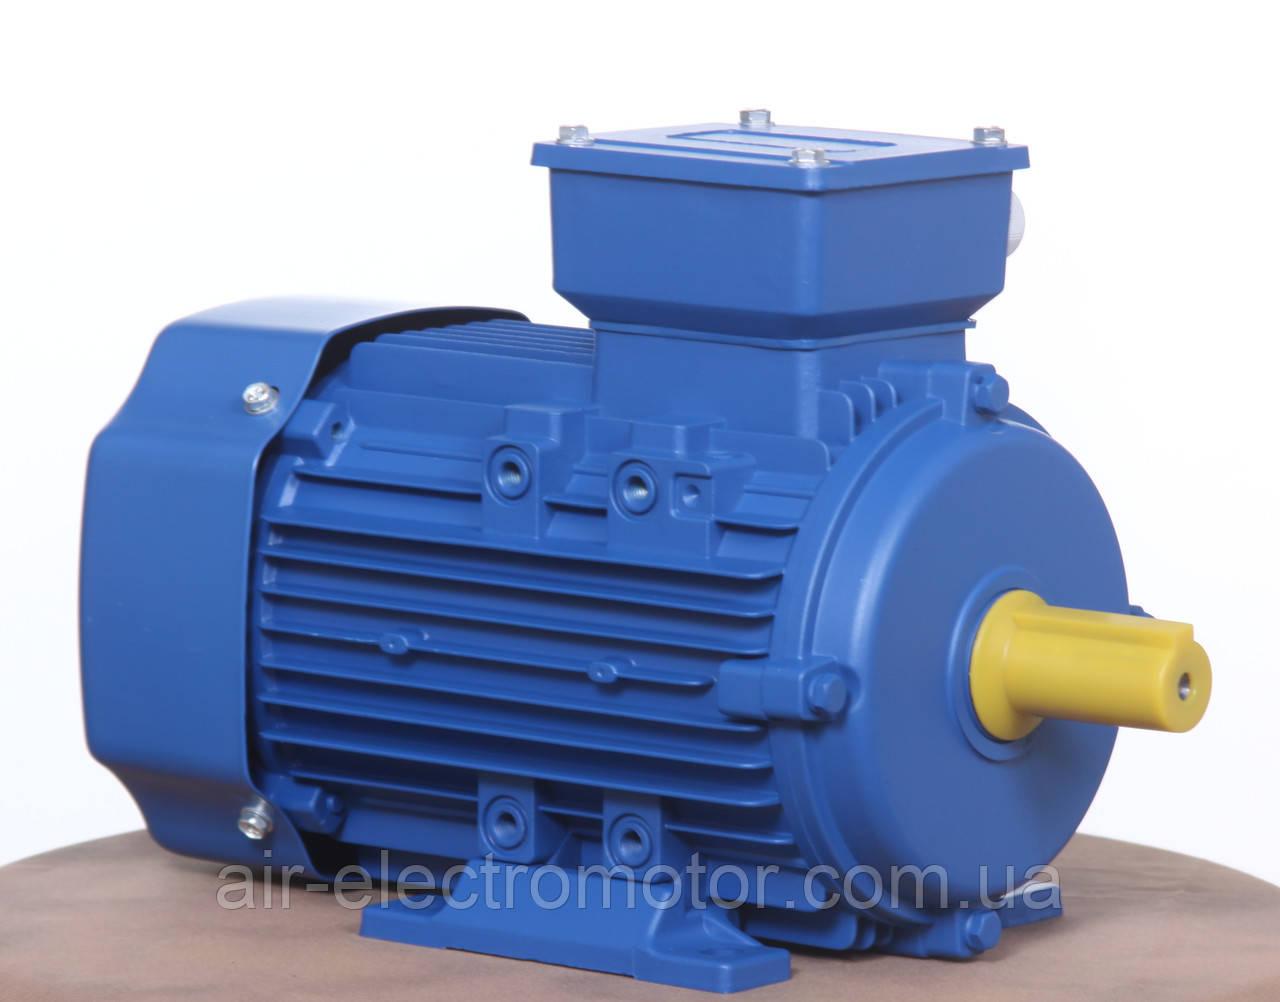 Электродвигатель АИР63В4 - 0,37кВт/ 1500 об/мин